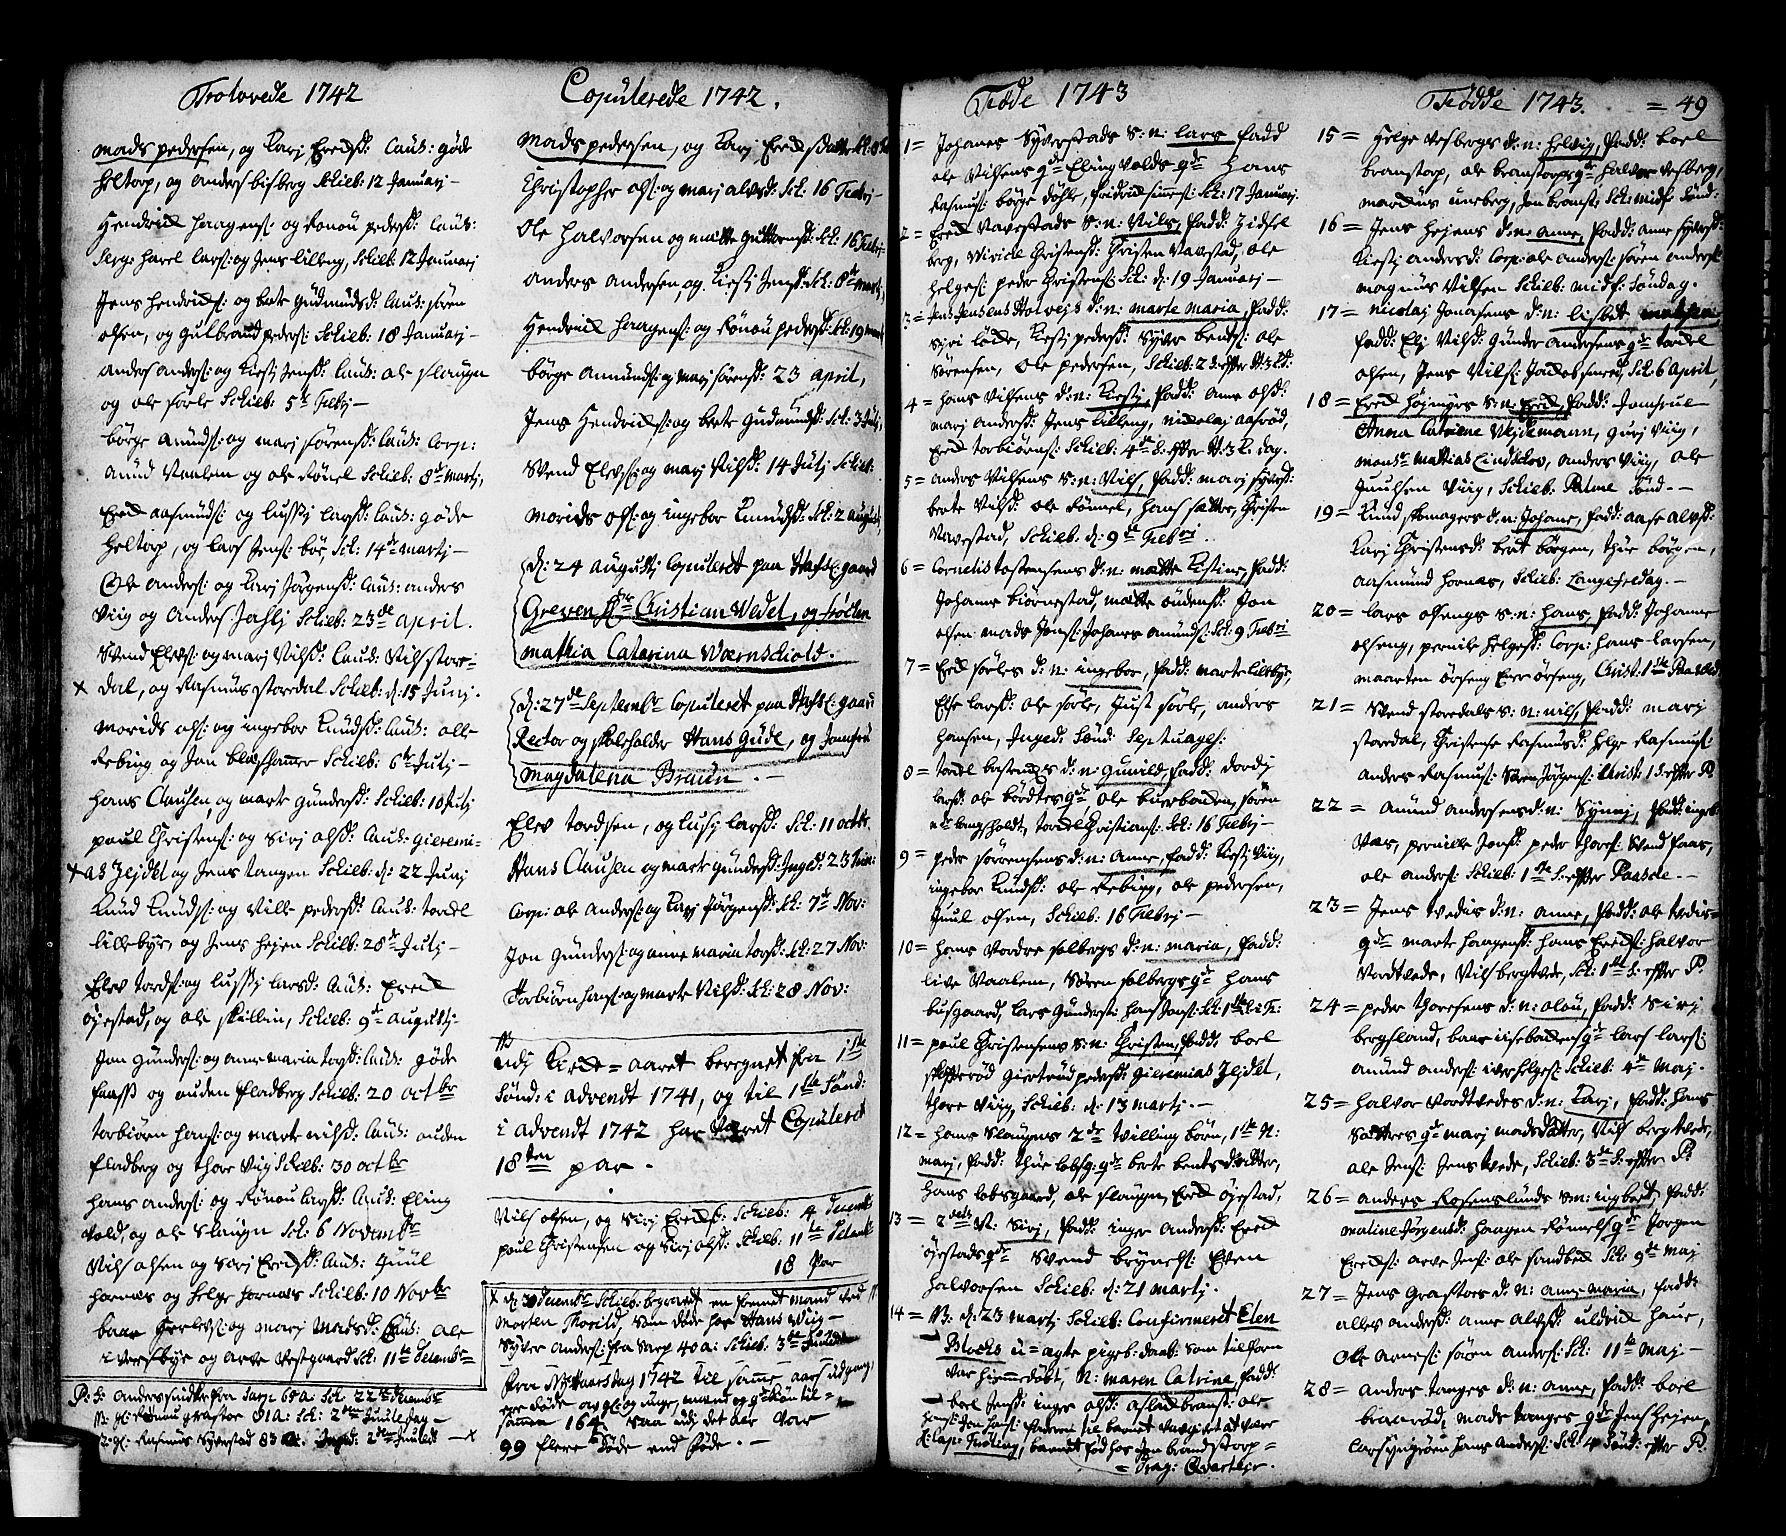 SAO, Skjeberg prestekontor Kirkebøker, F/Fa/L0002: Ministerialbok nr. I 2, 1726-1791, s. 49